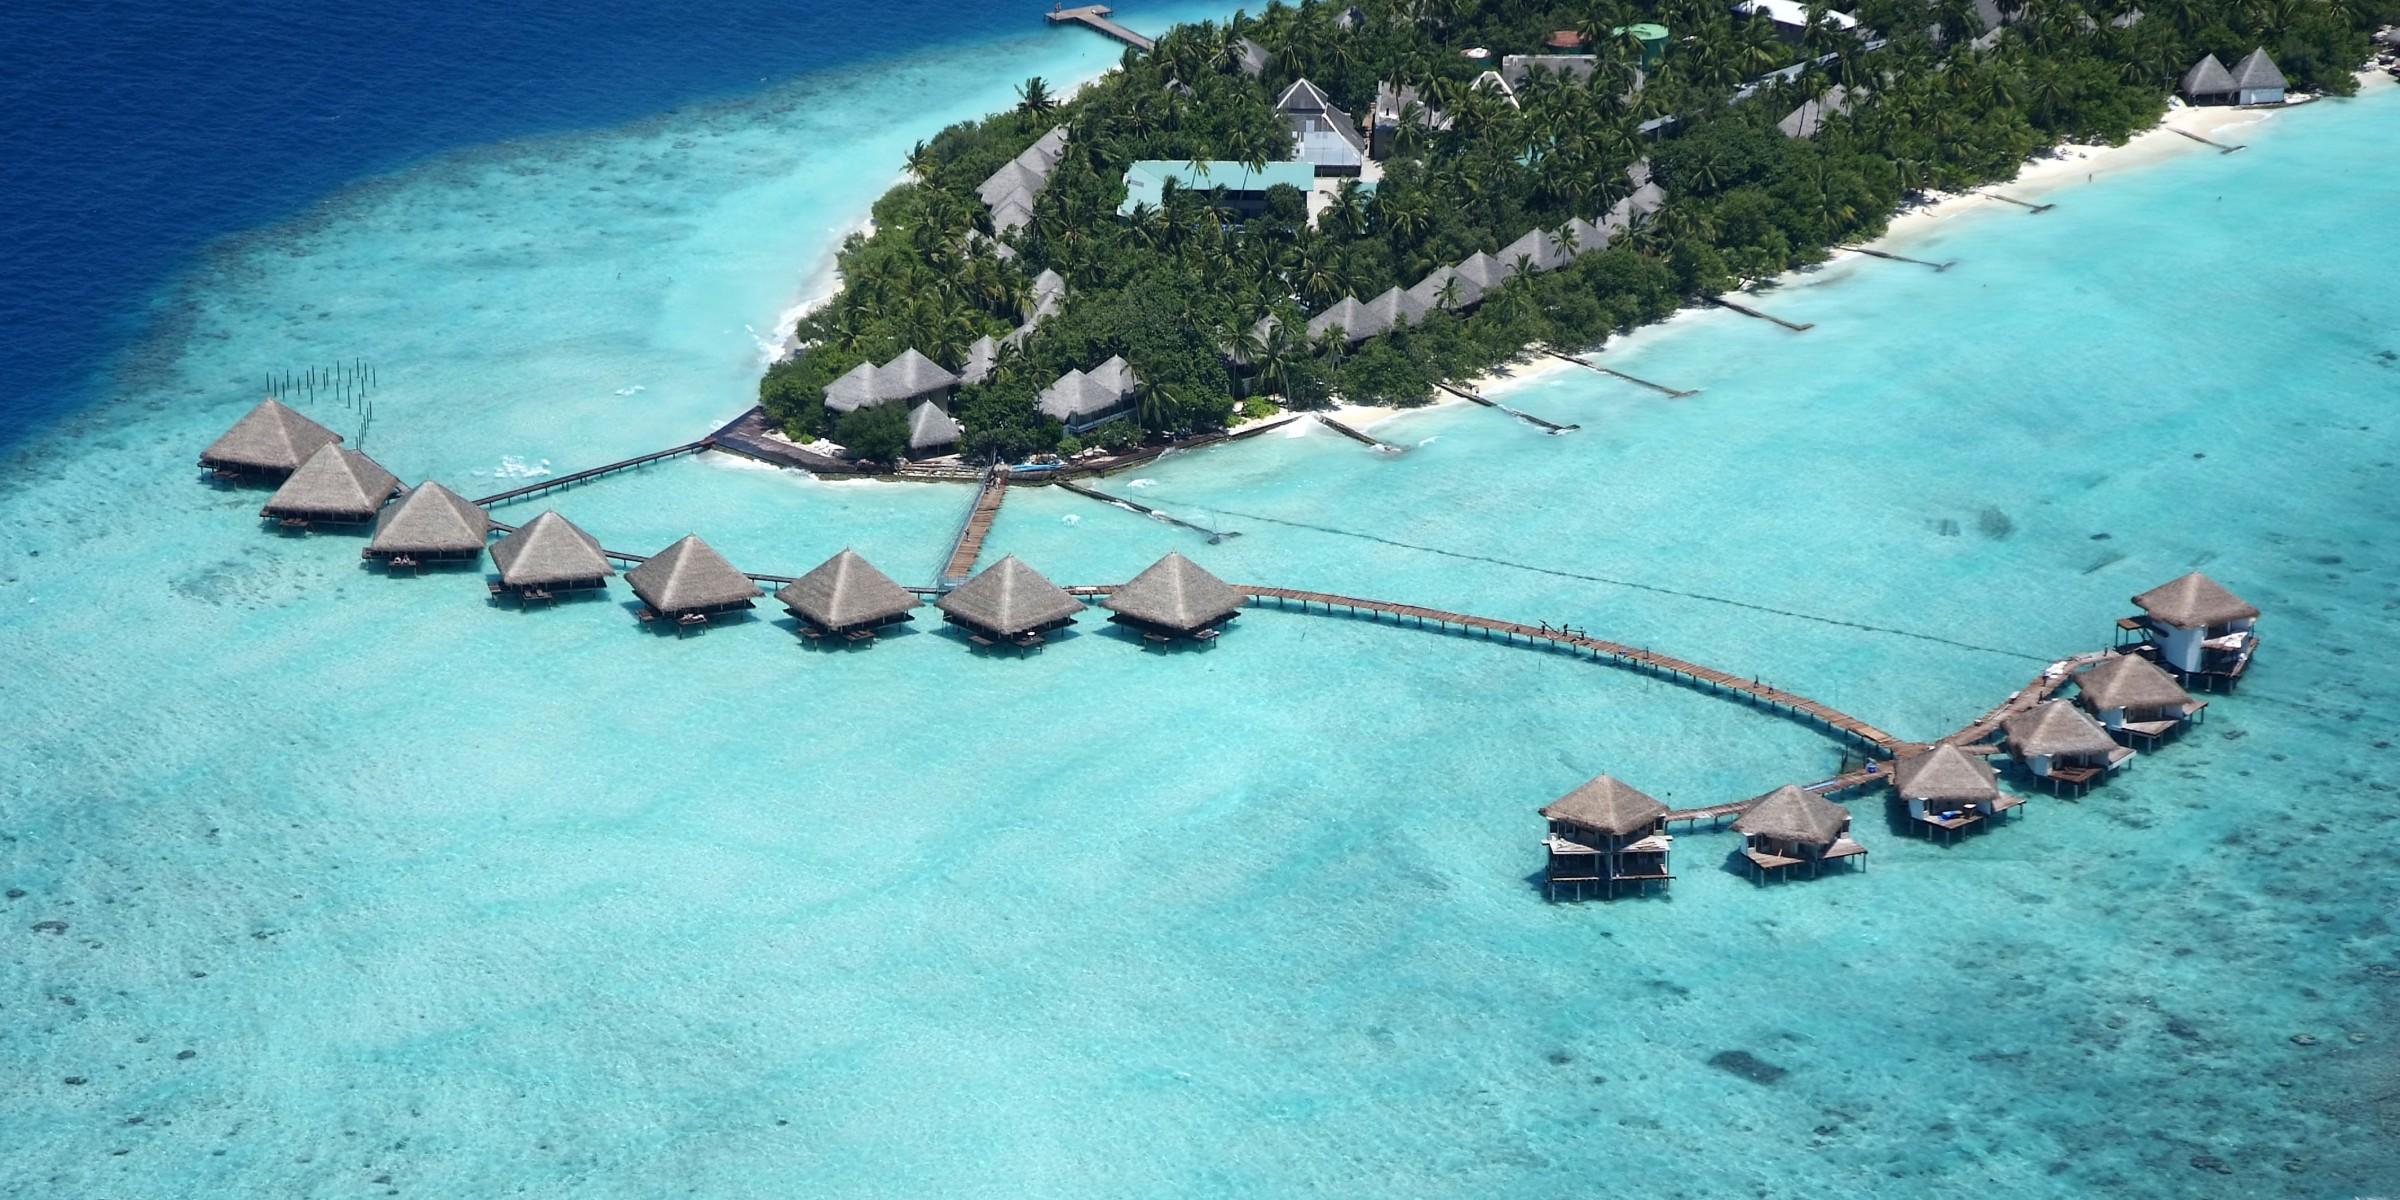 Insulele Maldive sunt un complex de atoli ce cuprind mai mult de 1000 de insule din care doar 250 sunt locuite